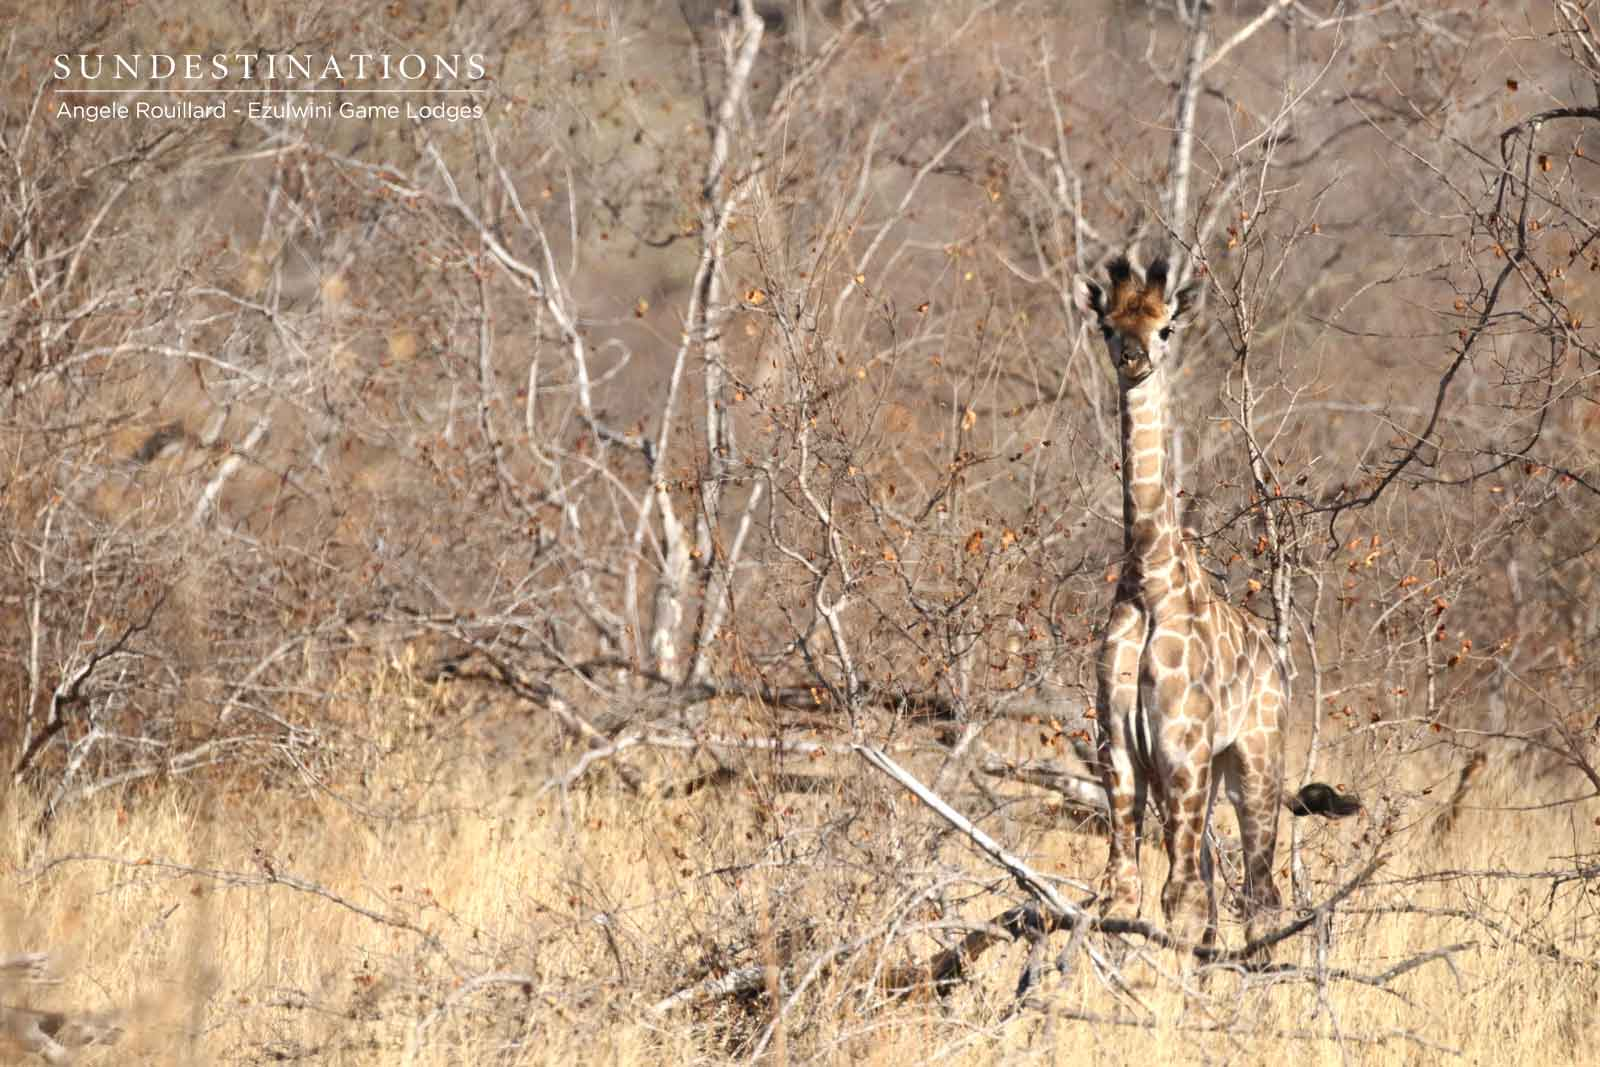 Giraffe Calf at Ezulwini